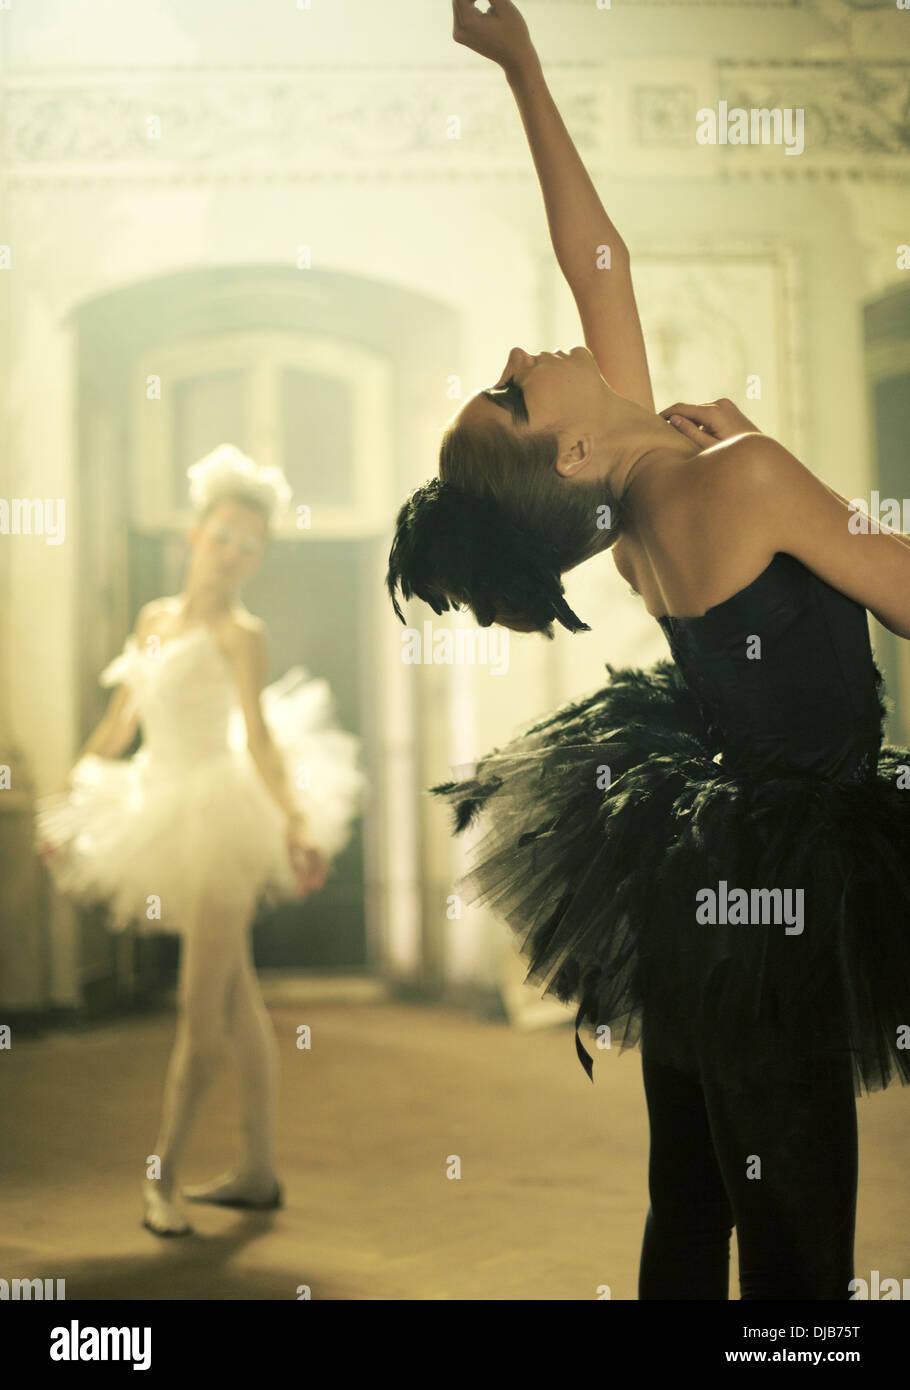 Deux danseurs de ballet en tant que jeunes cygnes Photo Stock